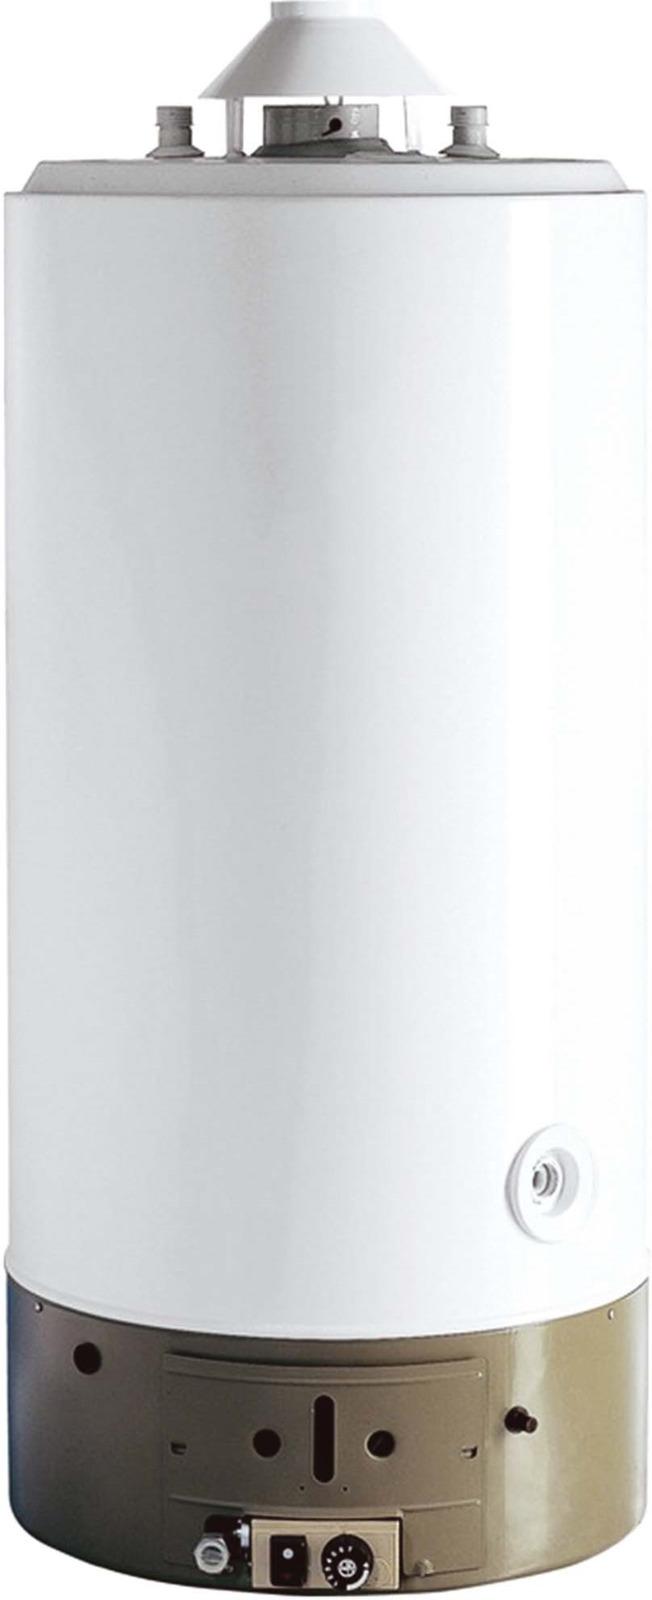 Водонагреватель Ariston SGA 150, накопительный, белый водонагреватель ariston super sga 50r белый